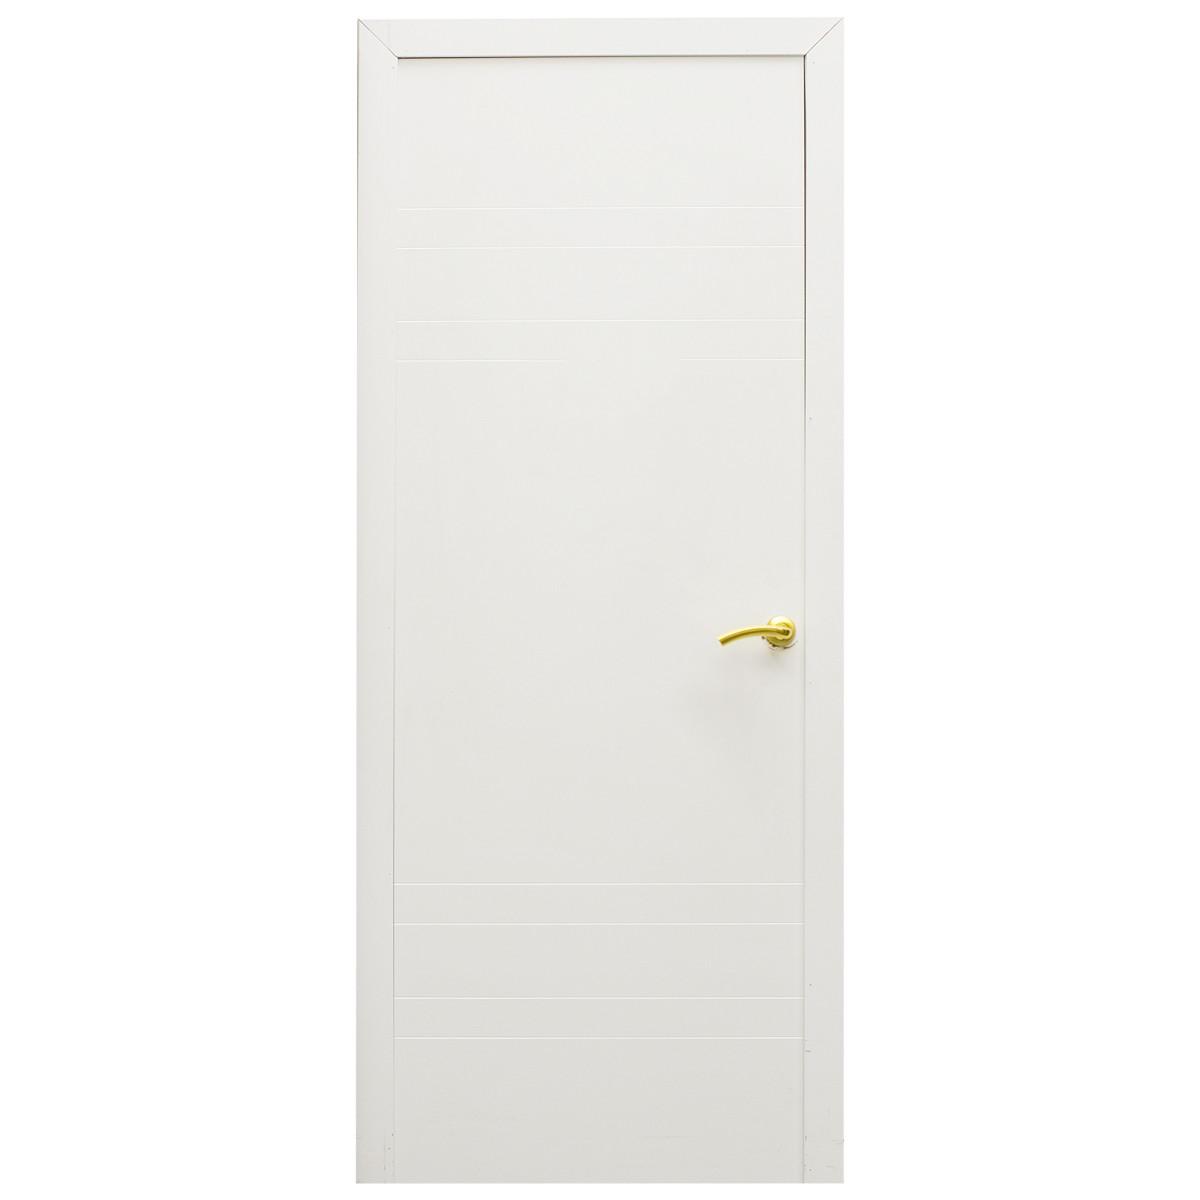 Дверь Межкомнатная Глухая Модерн 70x200 Ламинация Цвет Белый